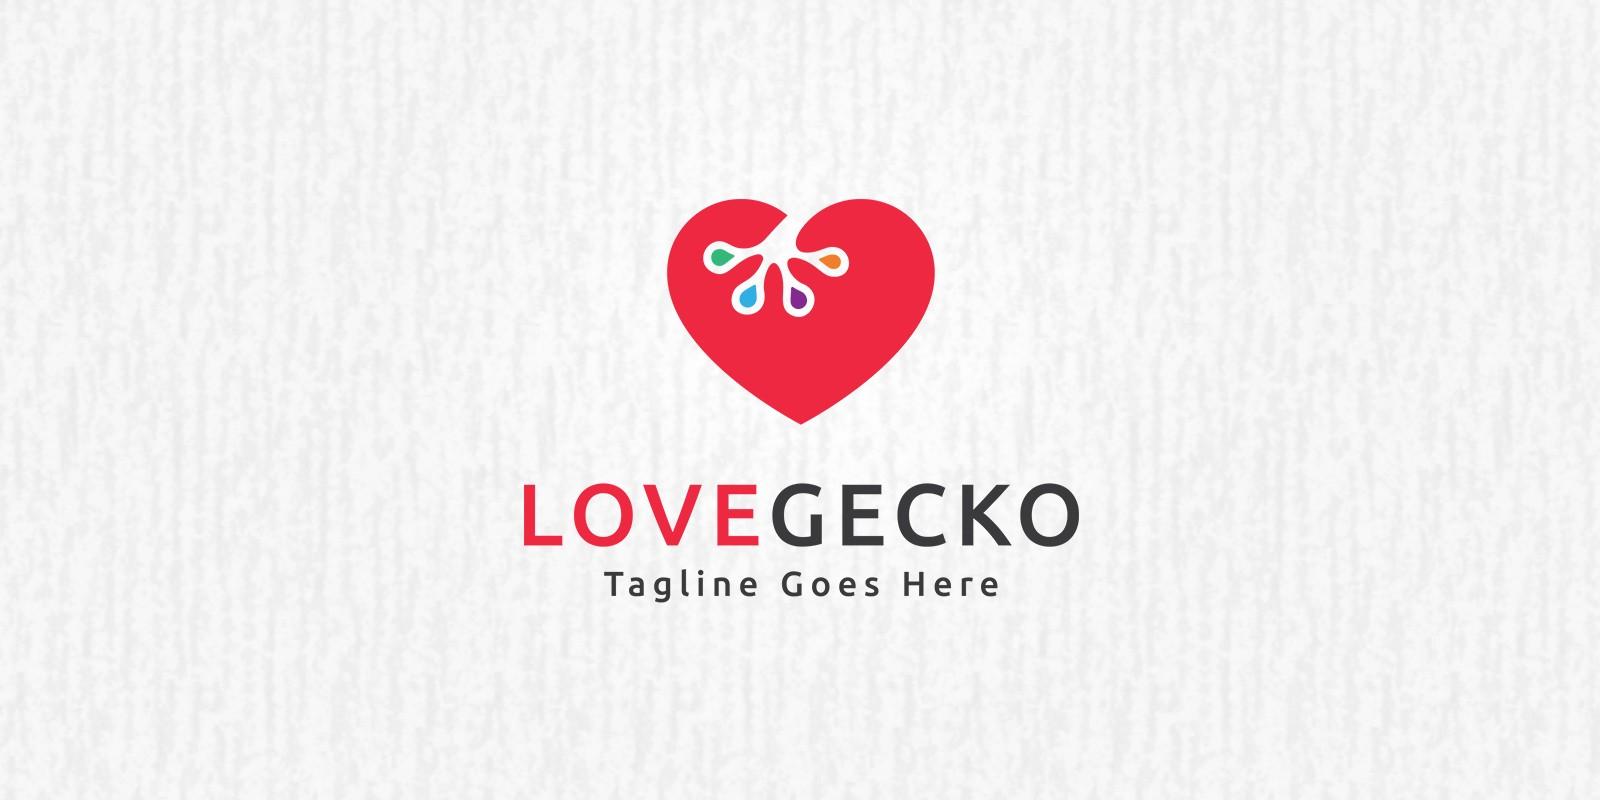 Love Gecko Logo